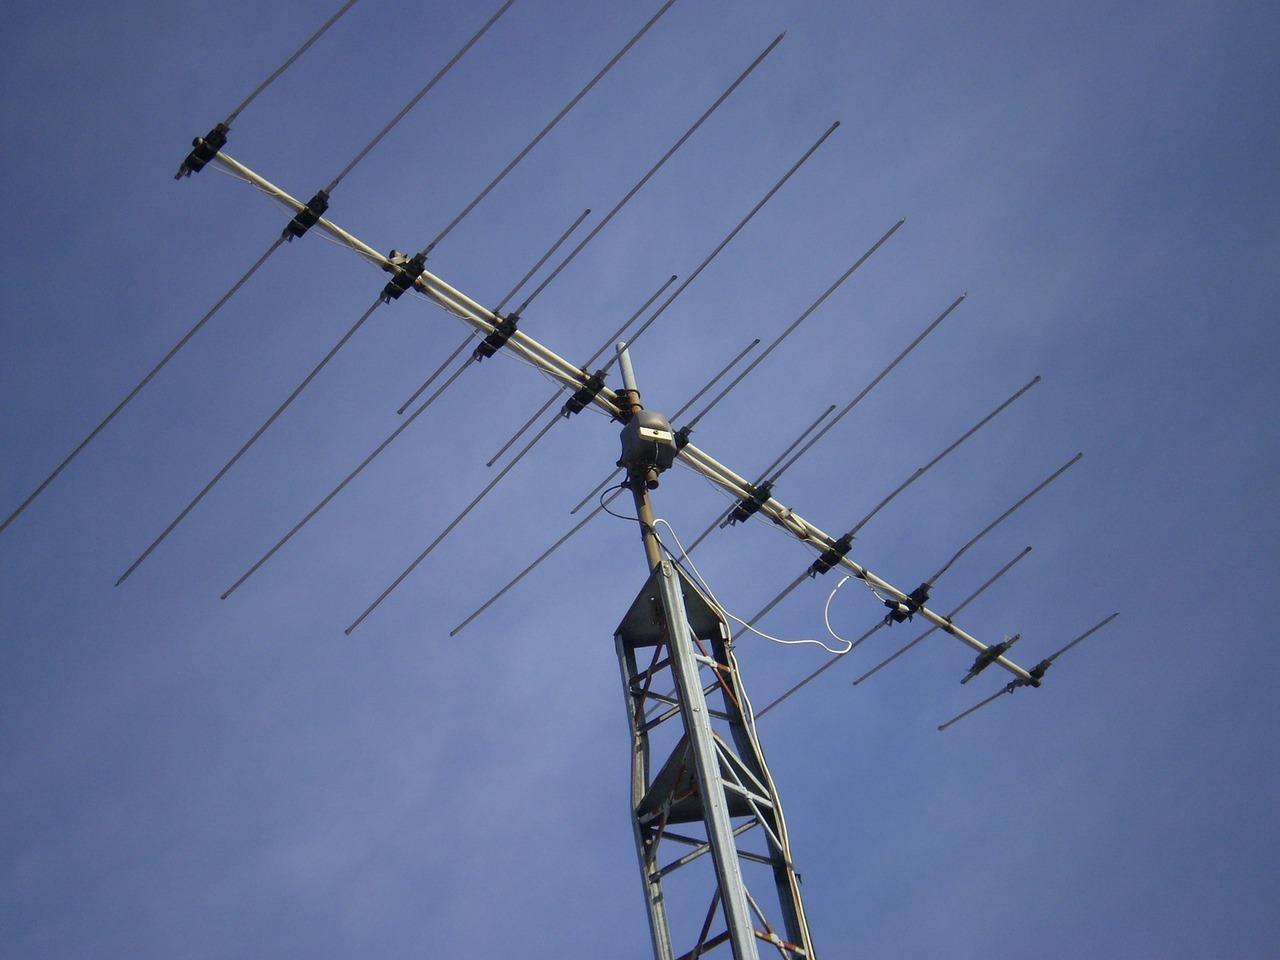 soprovojdenie-sdelki-po-priobreteniu-telekanala